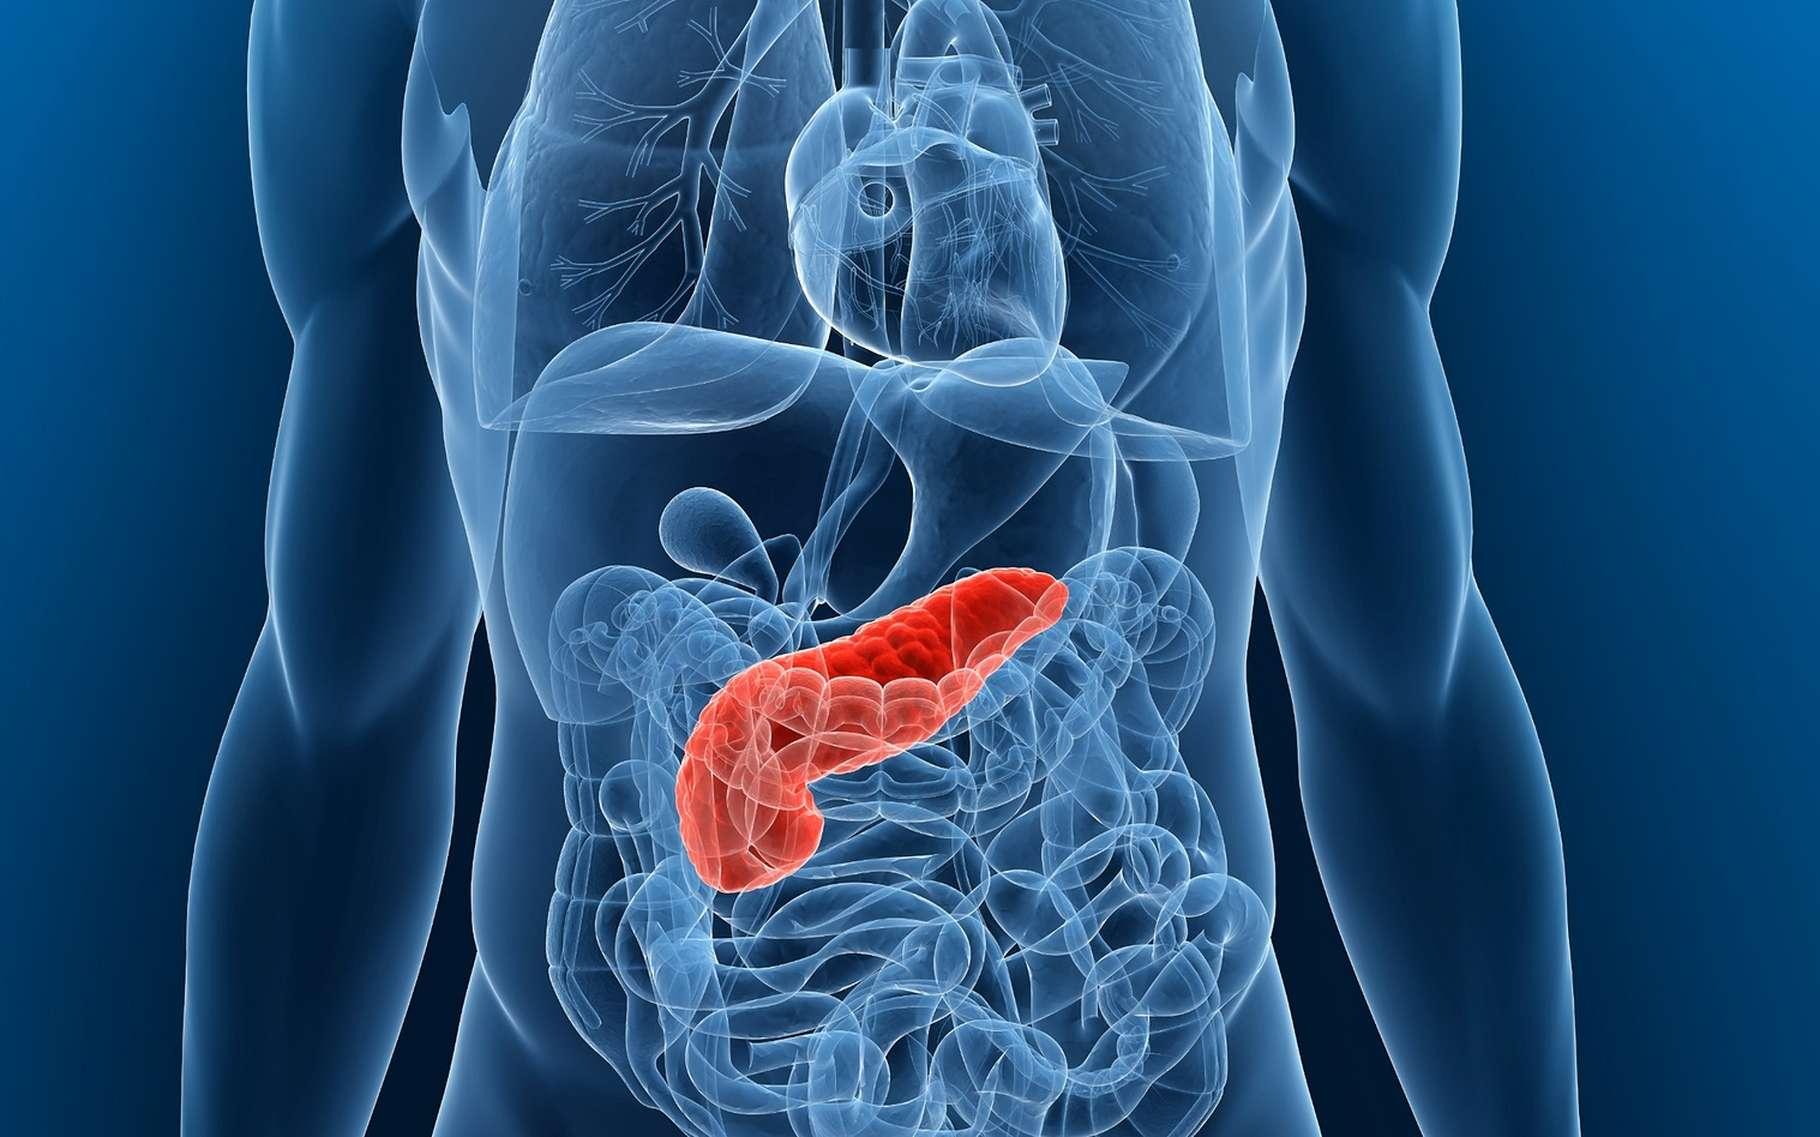 Le cancer du pancréas touche le pancréas, un organe situé derrière l'estomac qui produit des enzymes digestives et des hormones (insuline). © Sebastian Kaulitzki, Shutterstock